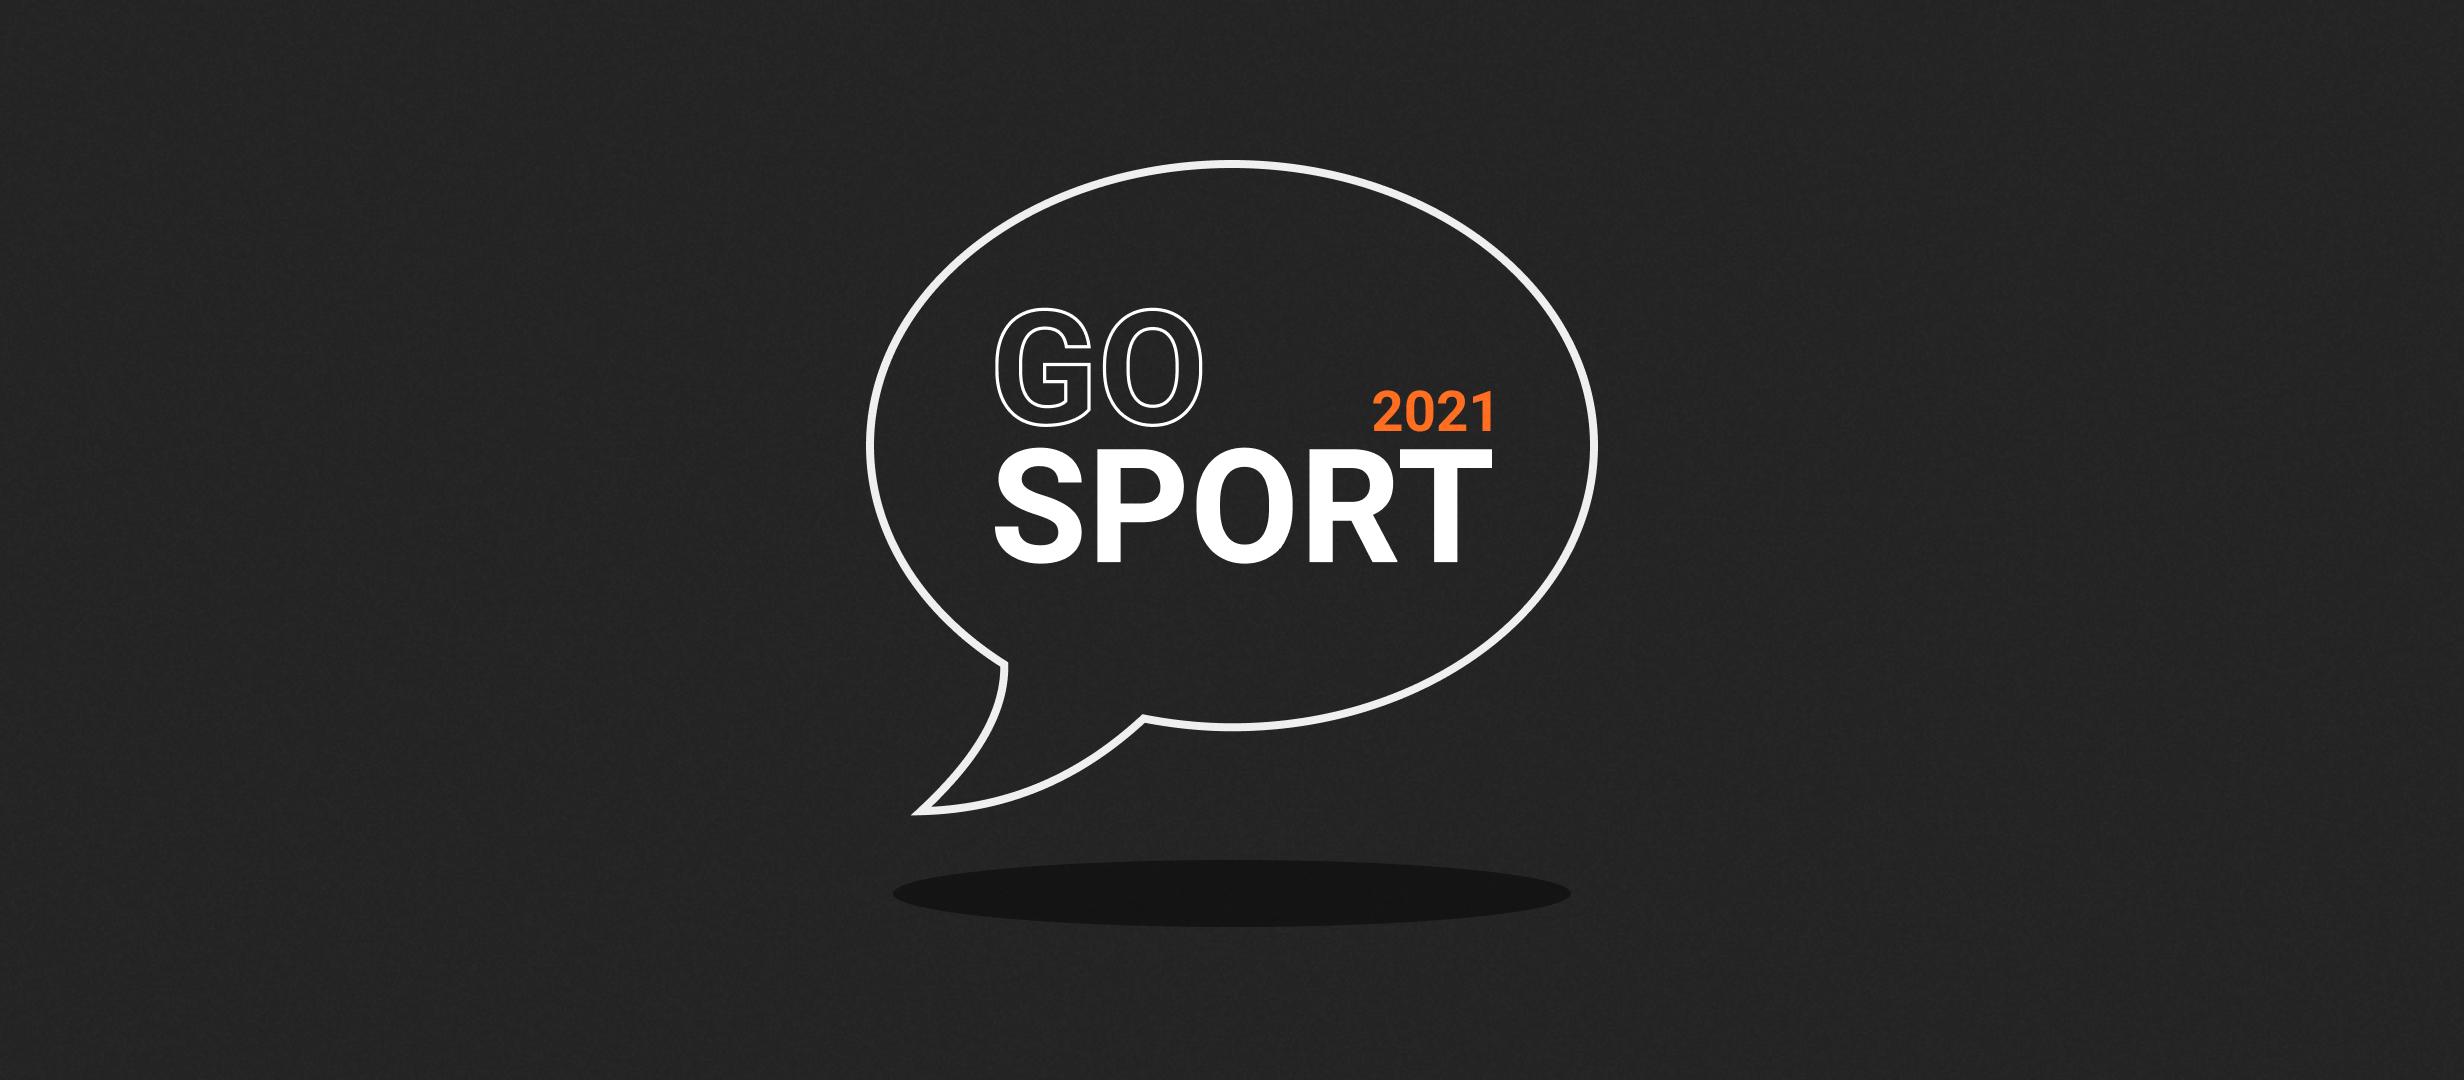 «У букмекеров сложный KPI». Организаторы — о премии Go Sport 2021